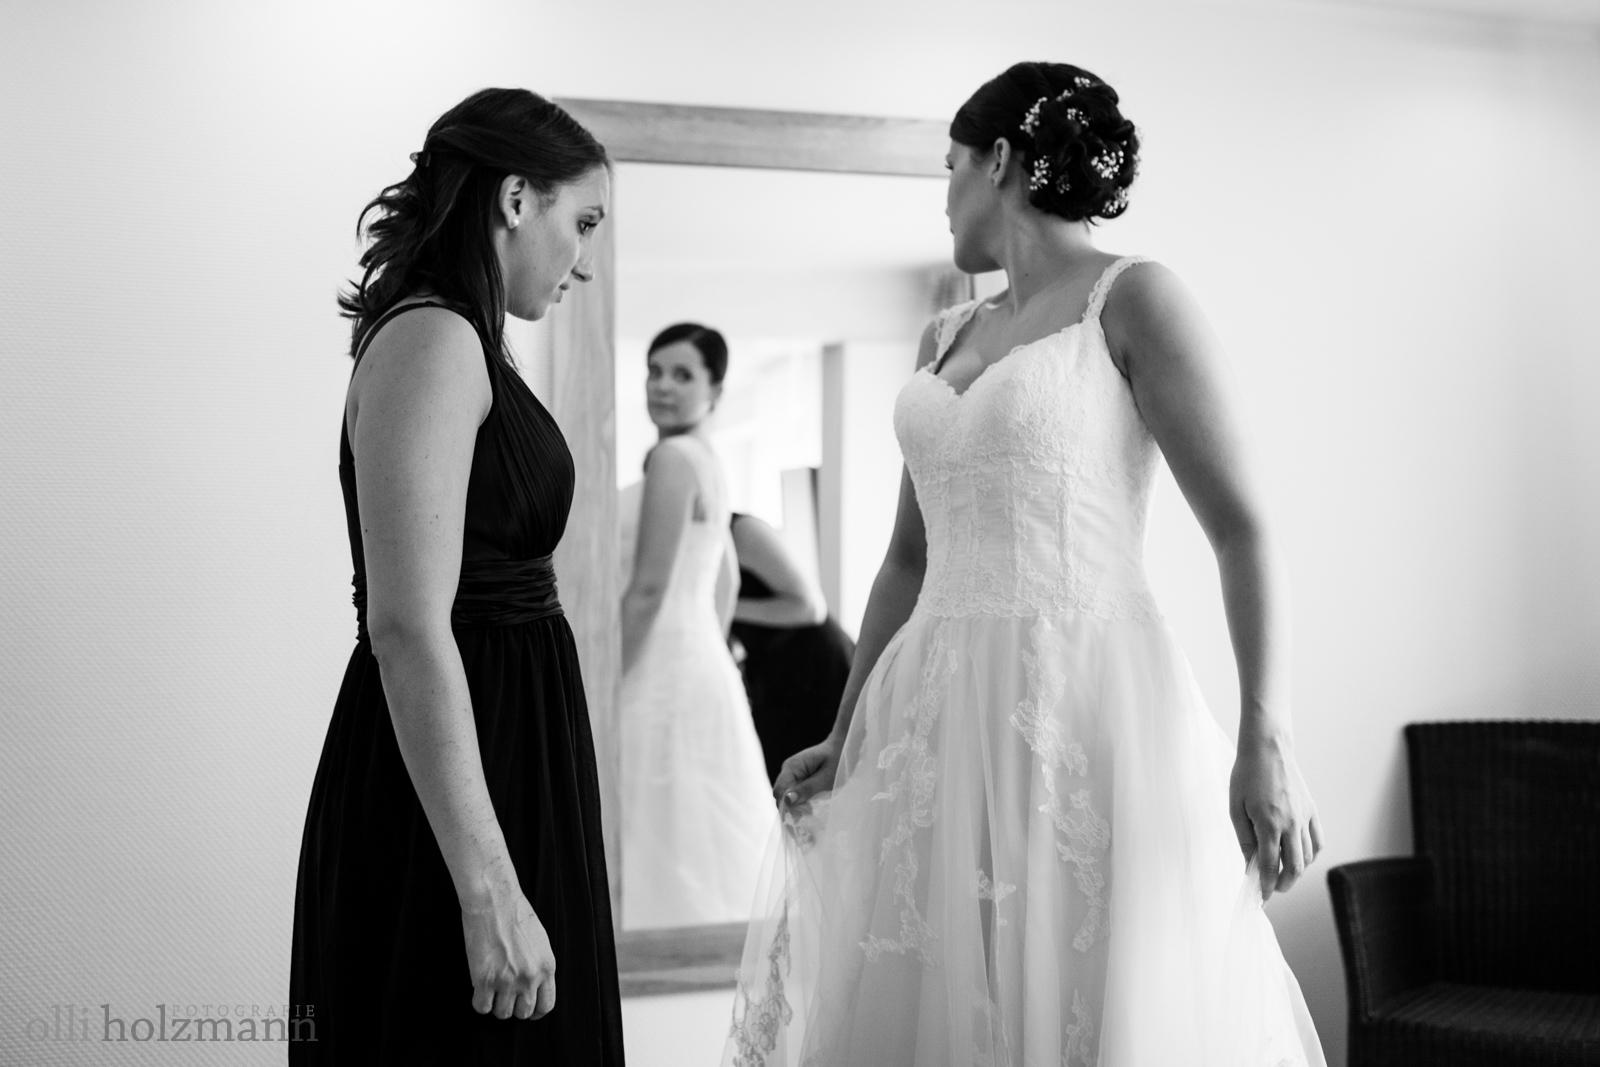 Hochzeitsfotograf_Sonsbeck-32.jpg